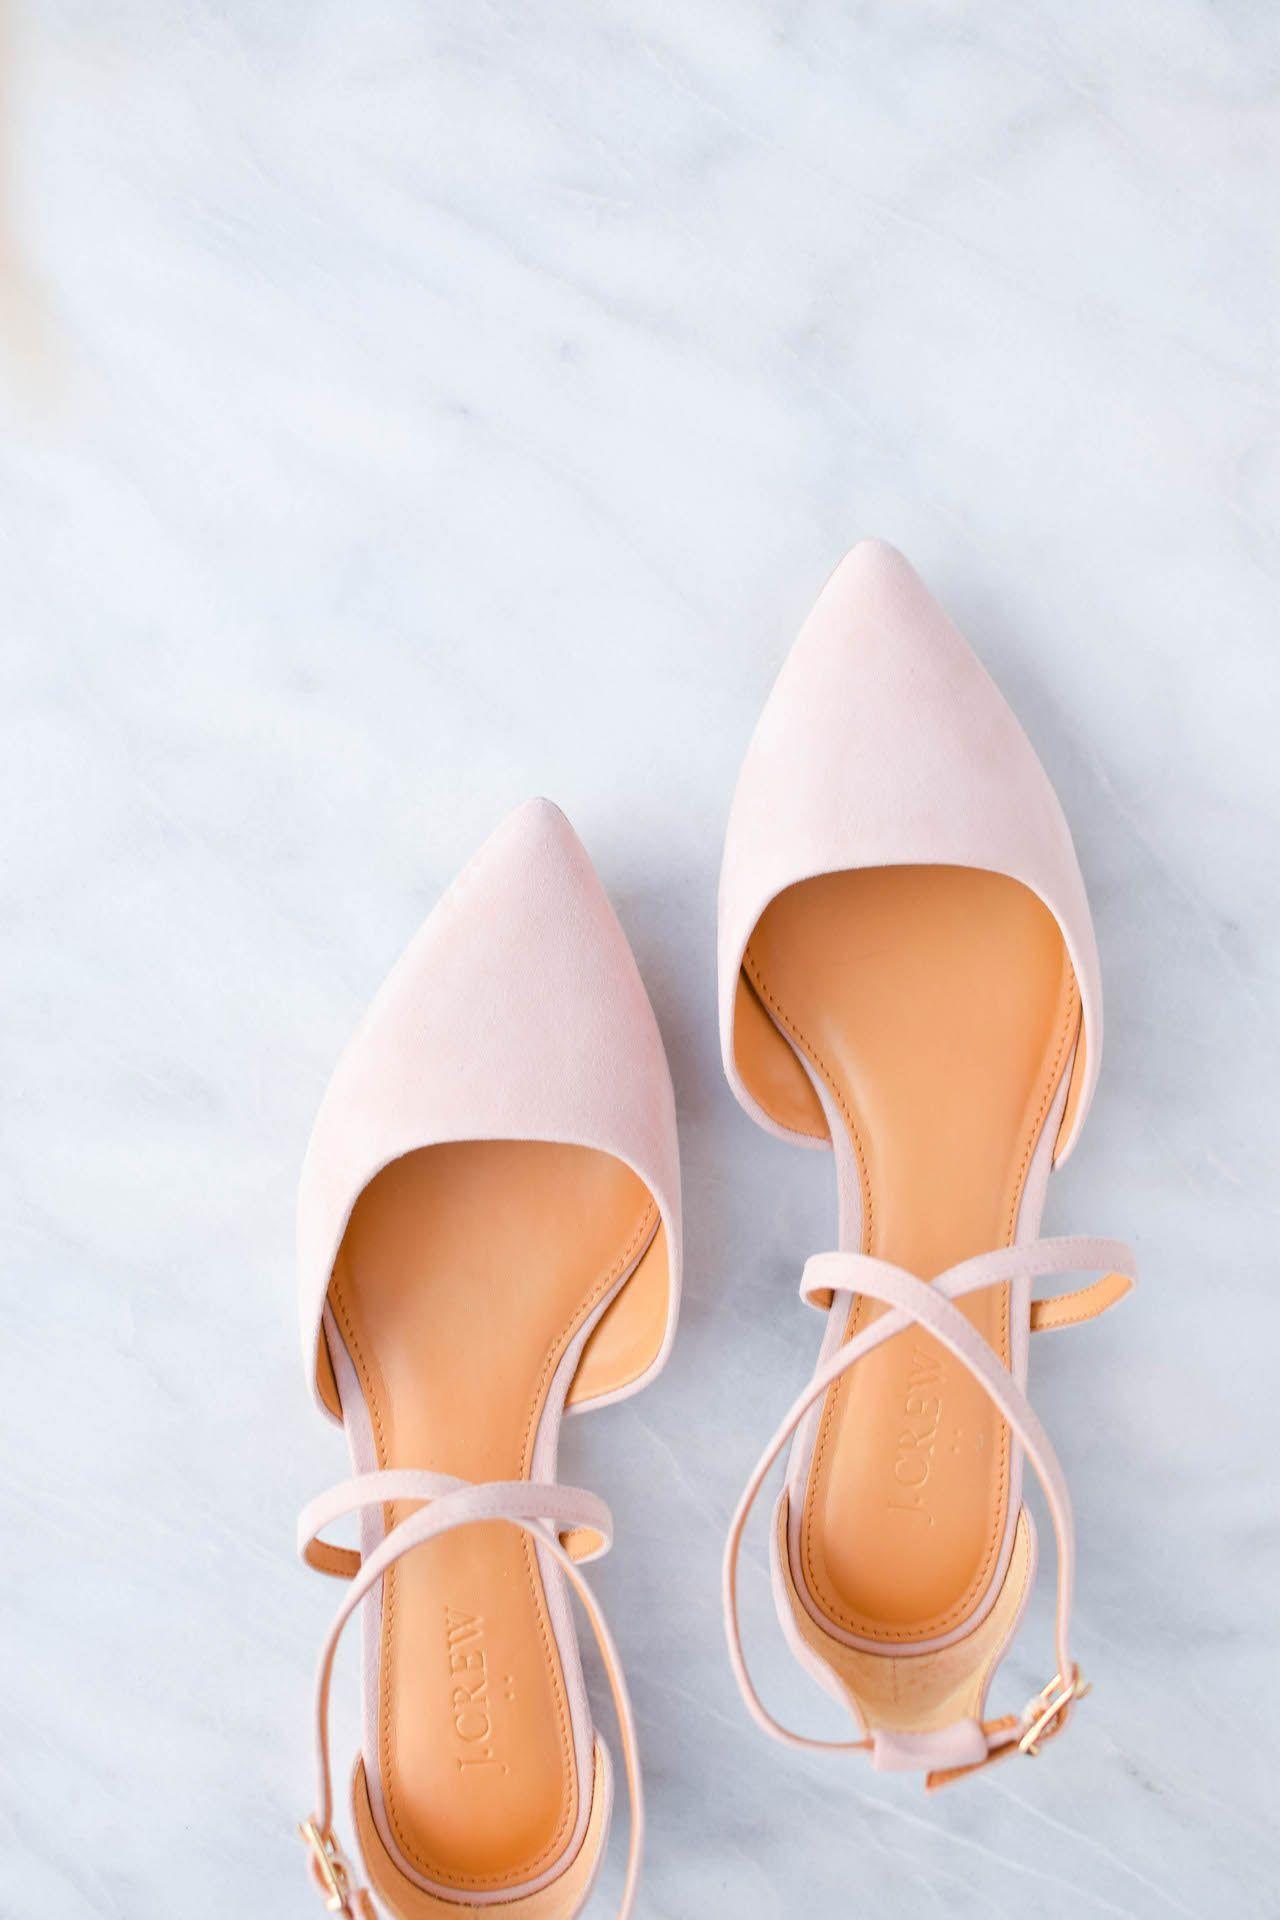 Pointed Toe Net Flats em 2020 | Sapatos, Sapatilhas e Acessórios